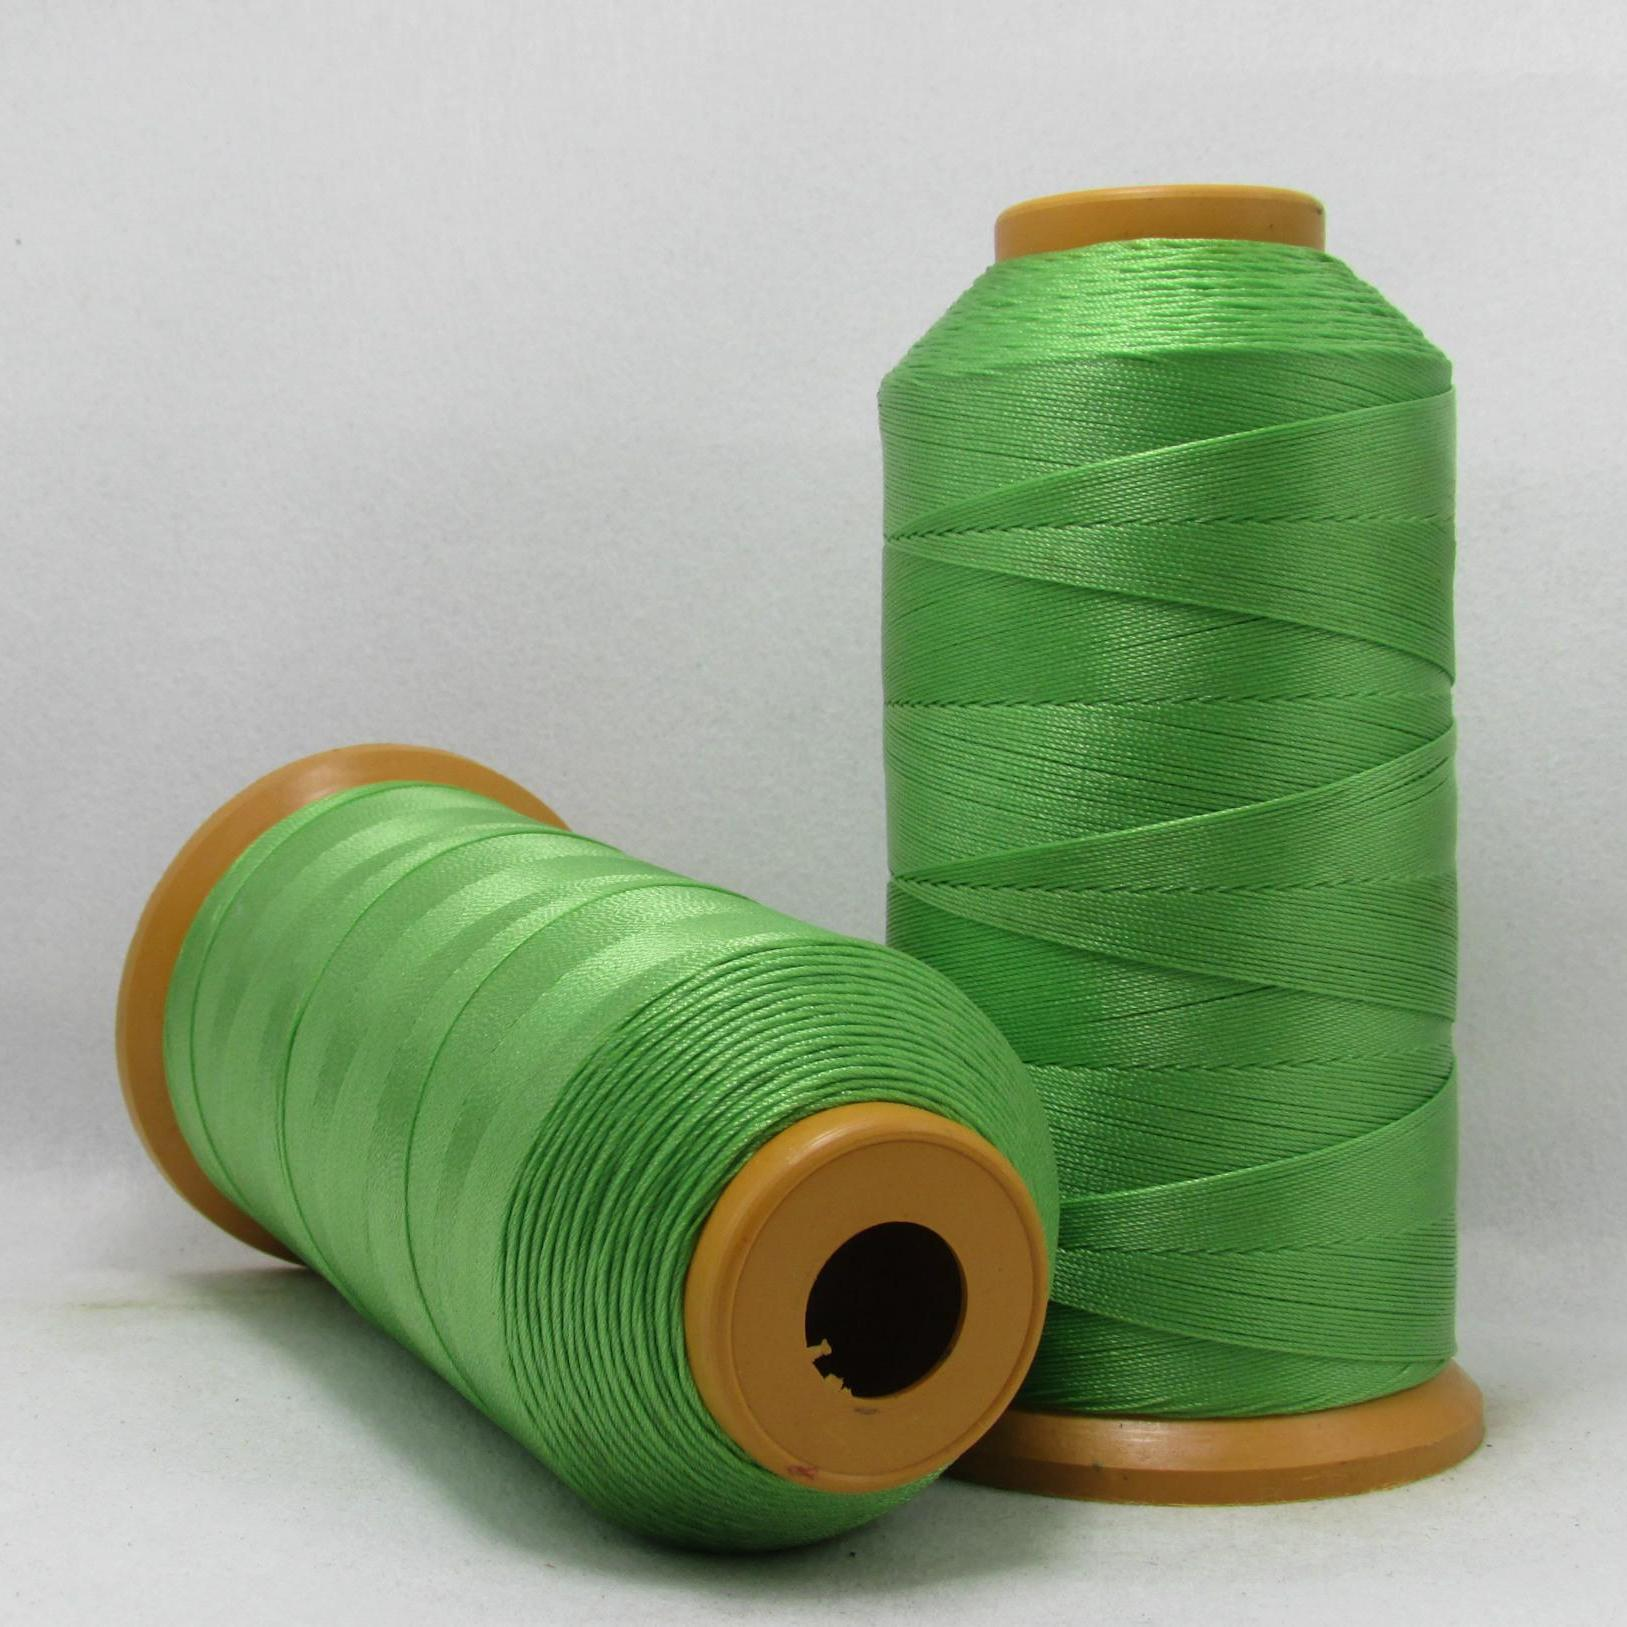 毛皮绿色缝纫线针织线